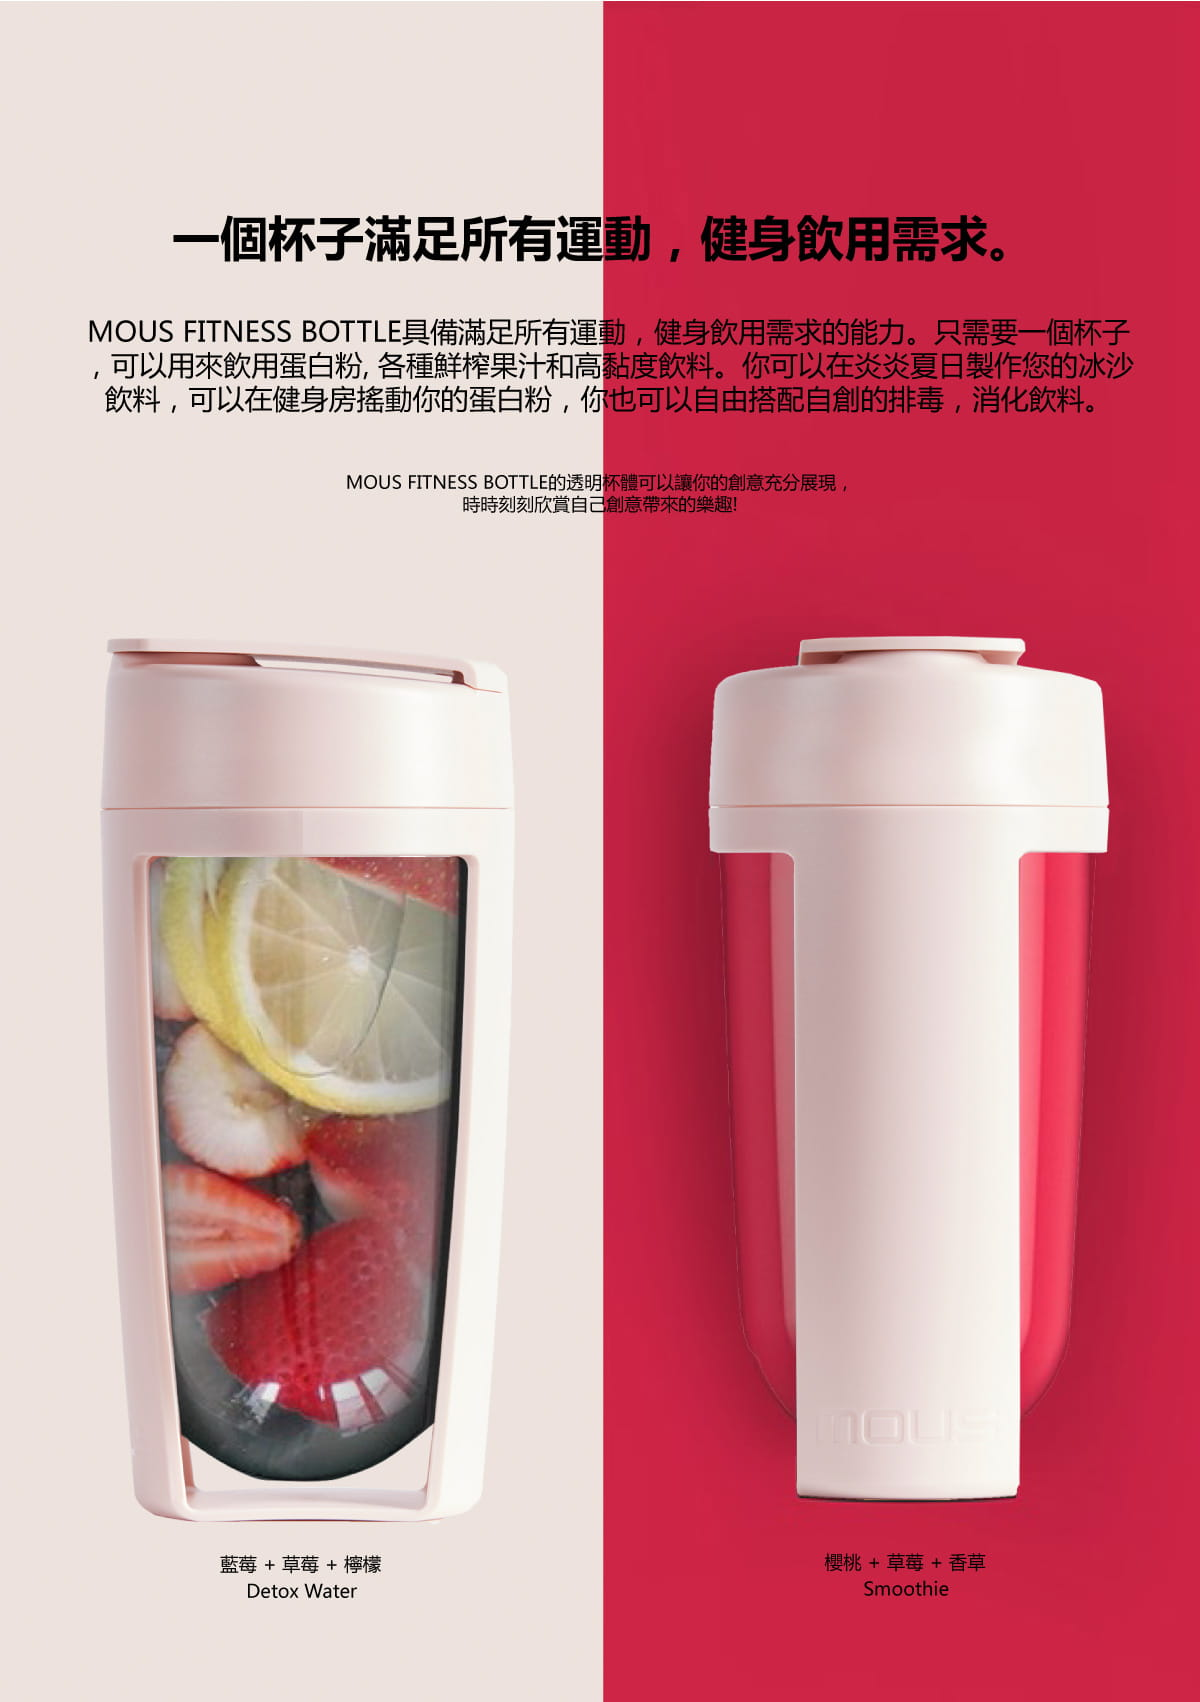 澳洲 MOUS Fitness 運動健身搖搖杯-腮紅粉 8